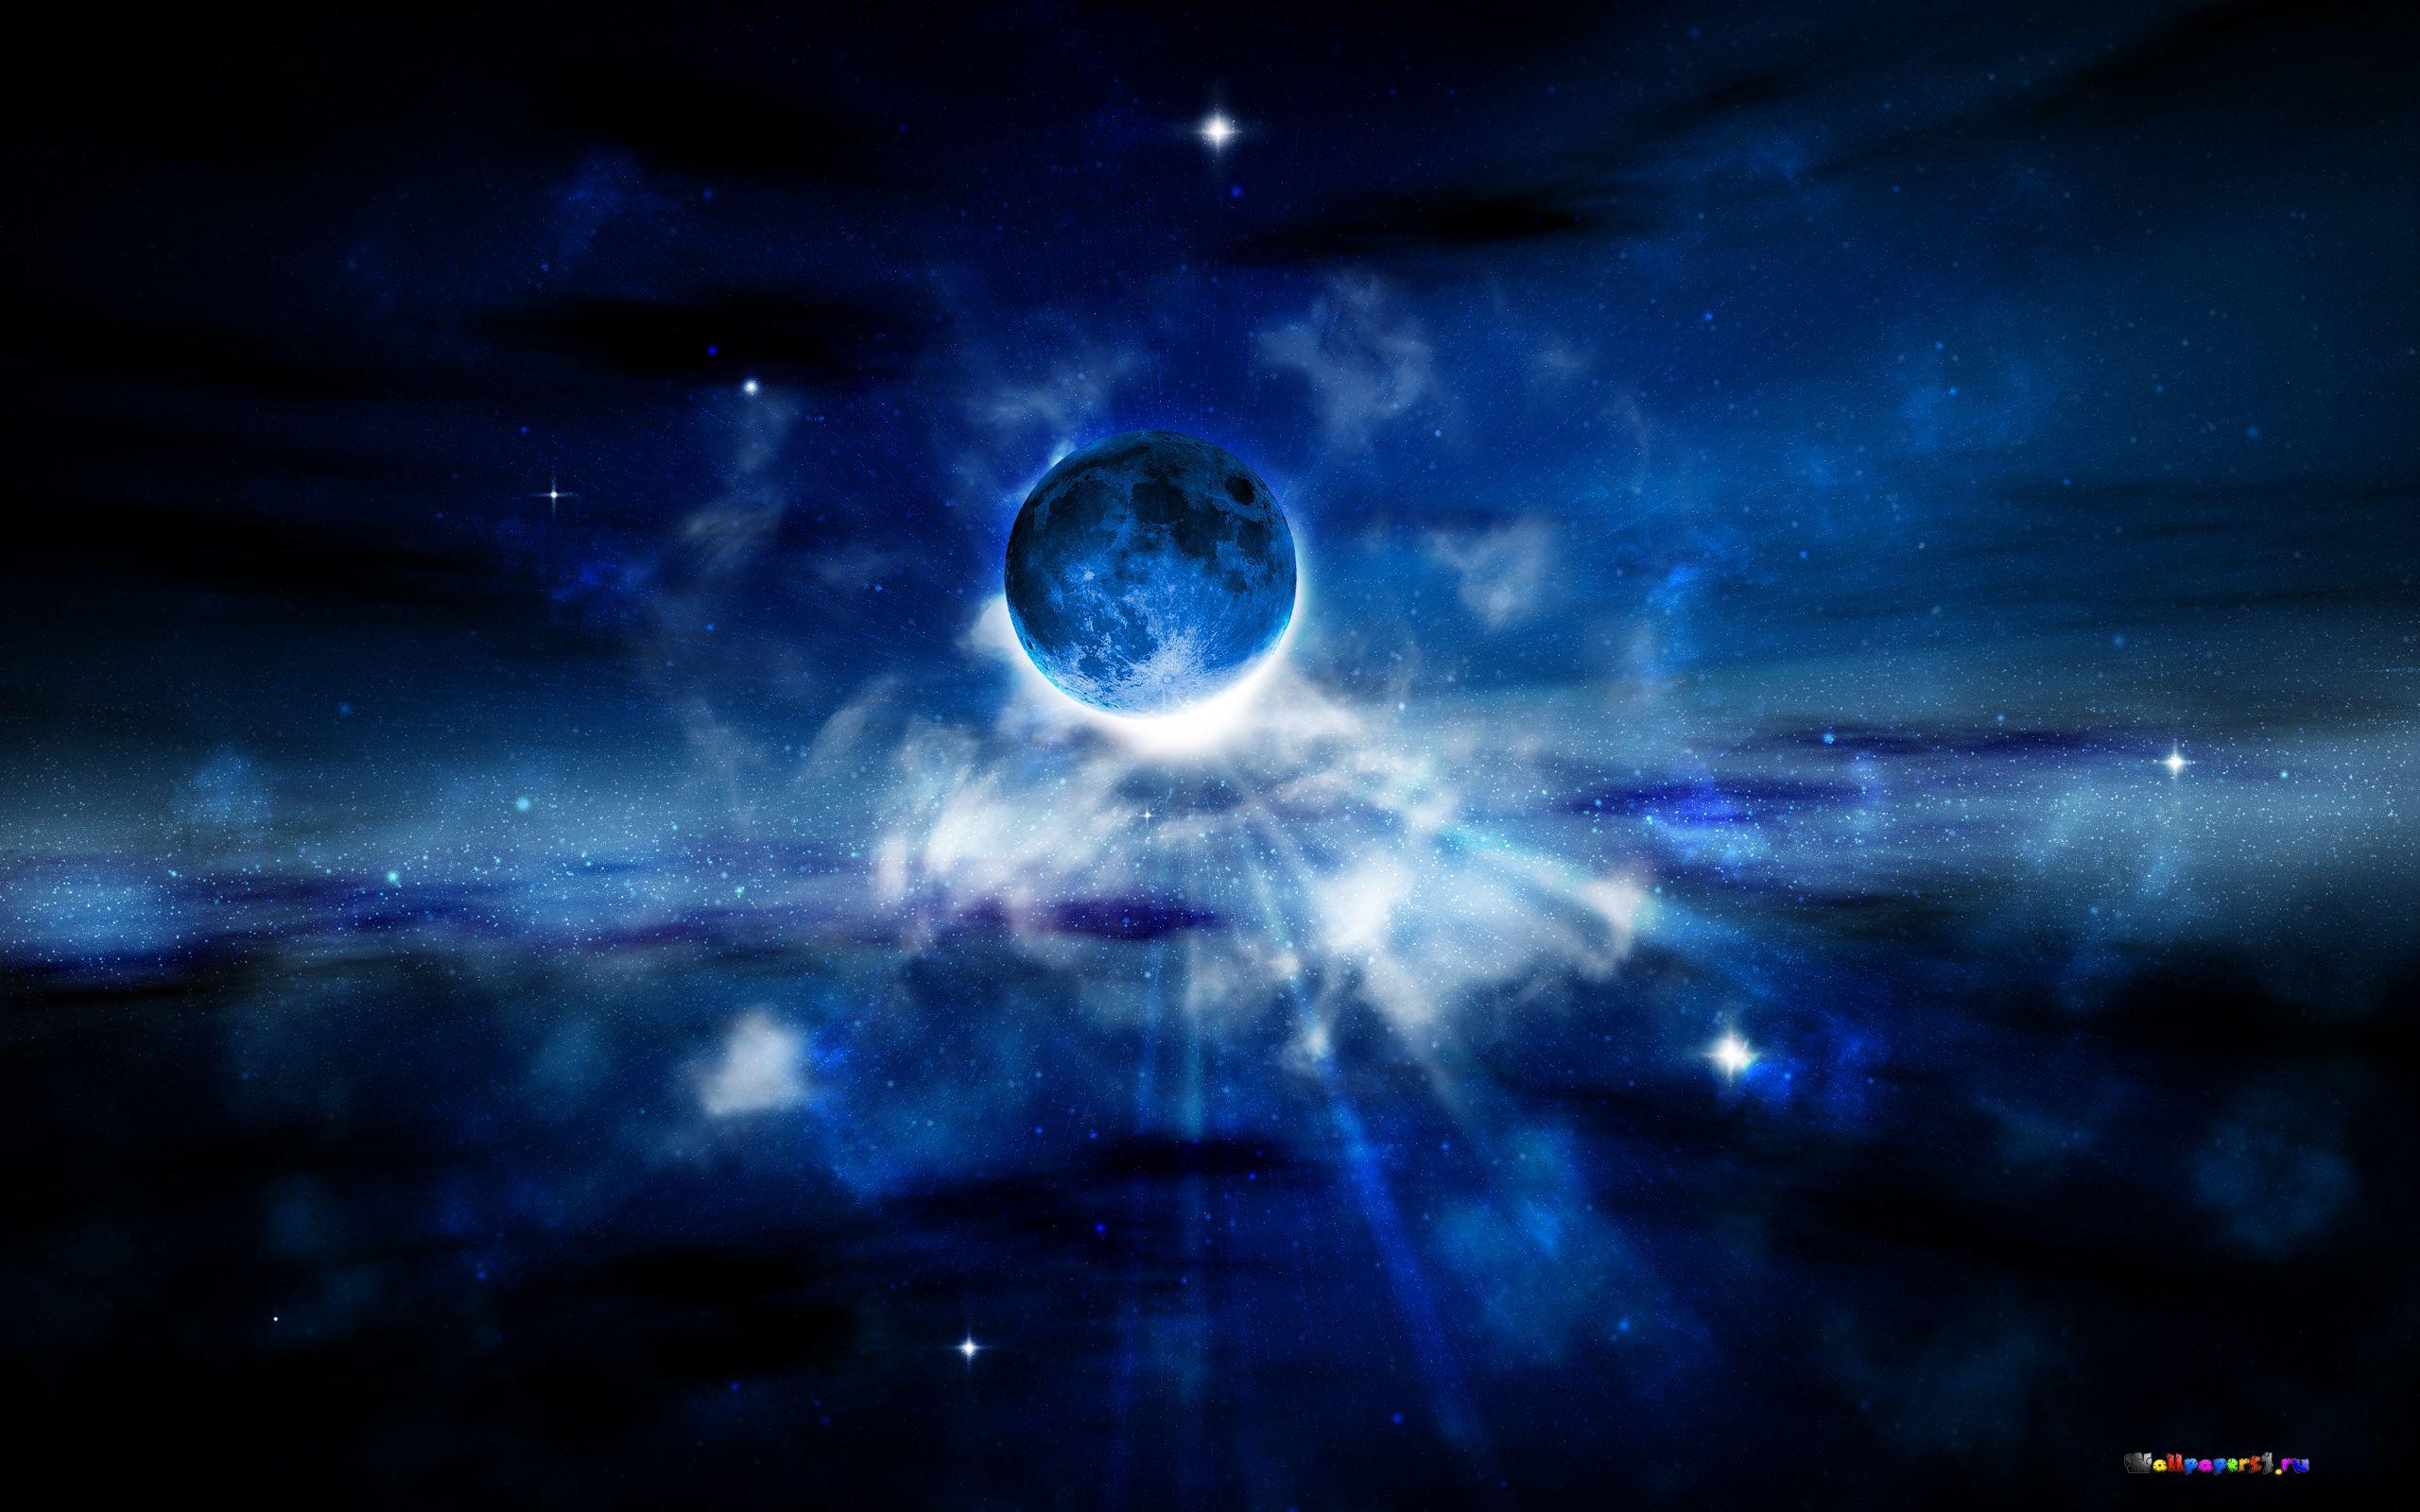 Обои Планеты синие картинки на рабочий стол на тему Космос - скачать  № 1765882 без смс